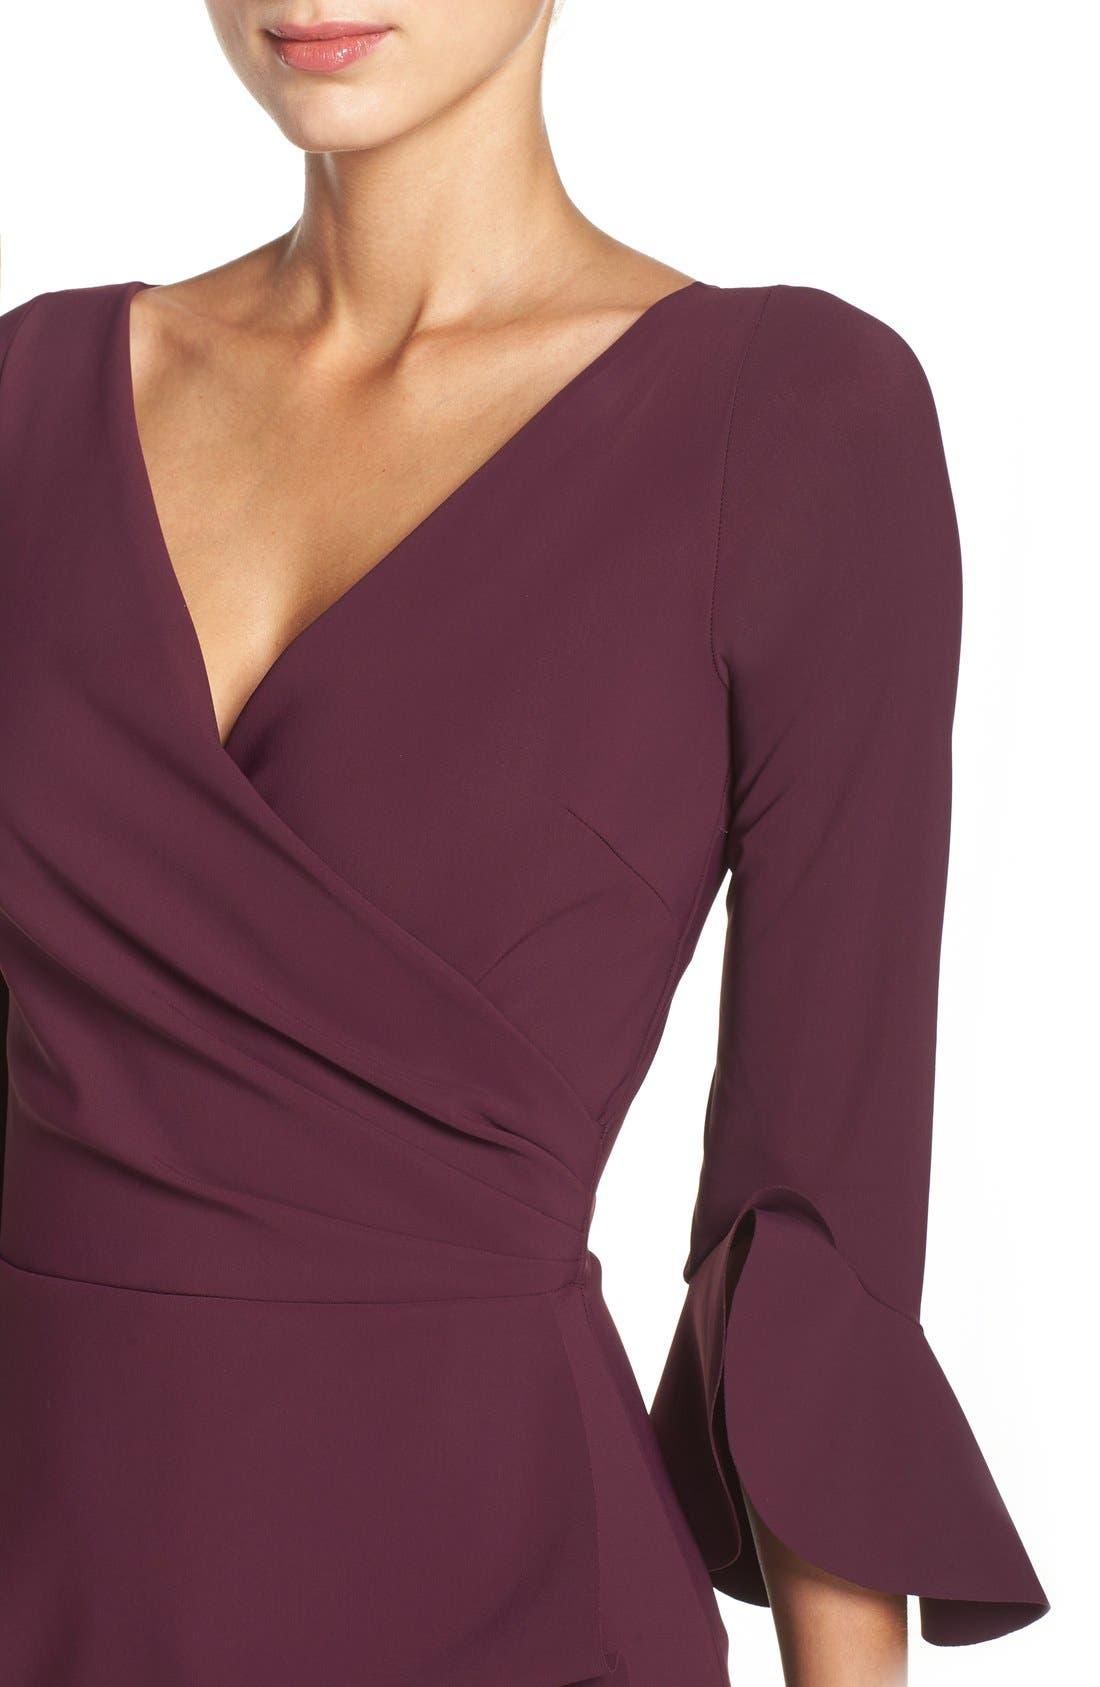 CHIARA BONI LA PETITE ROBE,                             'Triana' Jersey Sheath Dress,                             Alternate thumbnail 5, color,                             501